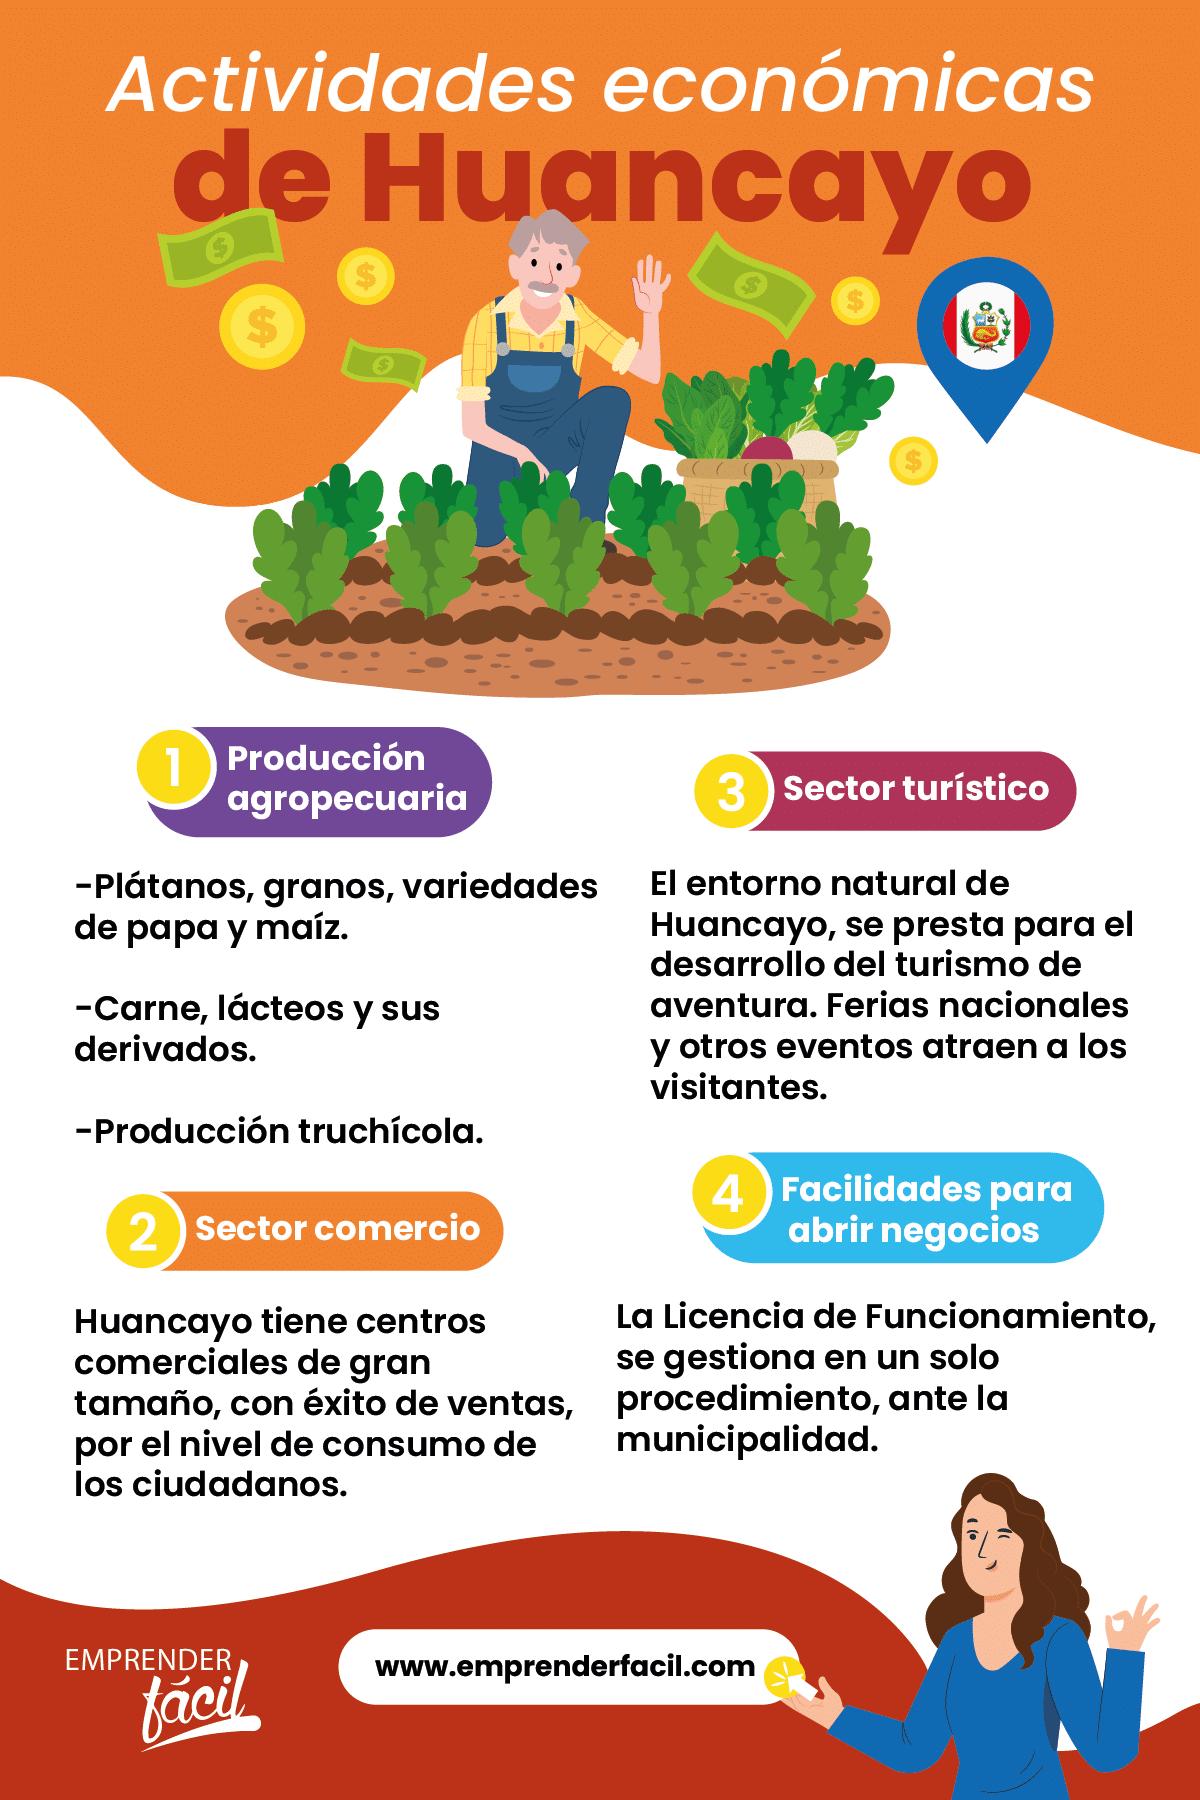 Actividades económicas de Huancayo, Perú.